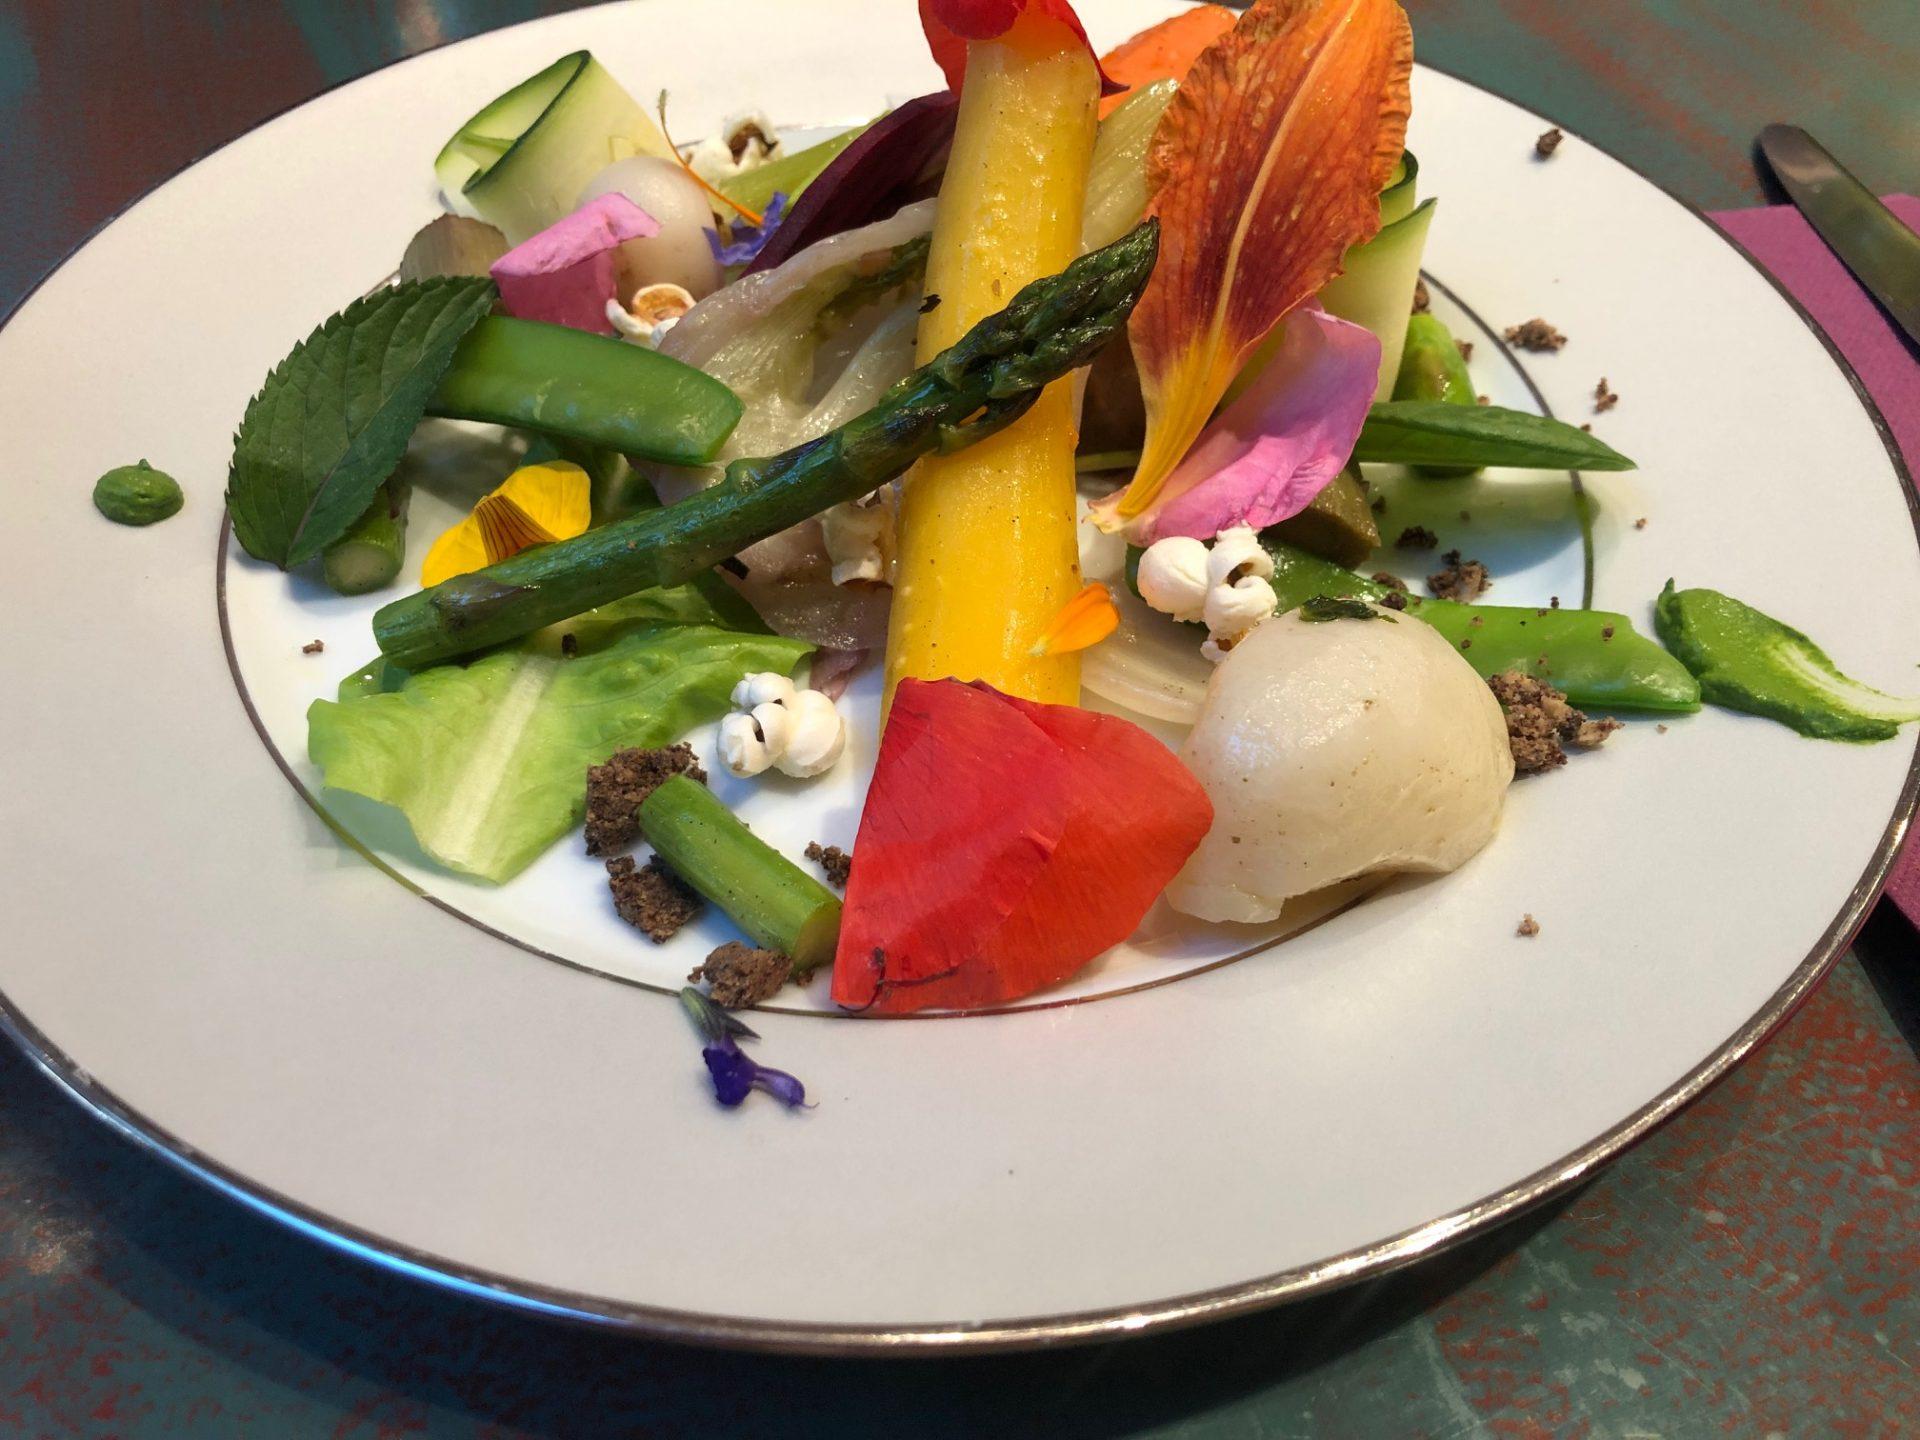 Kookworkshop in de Ardèche groentetuintje bereiden Foodblog Foodinista